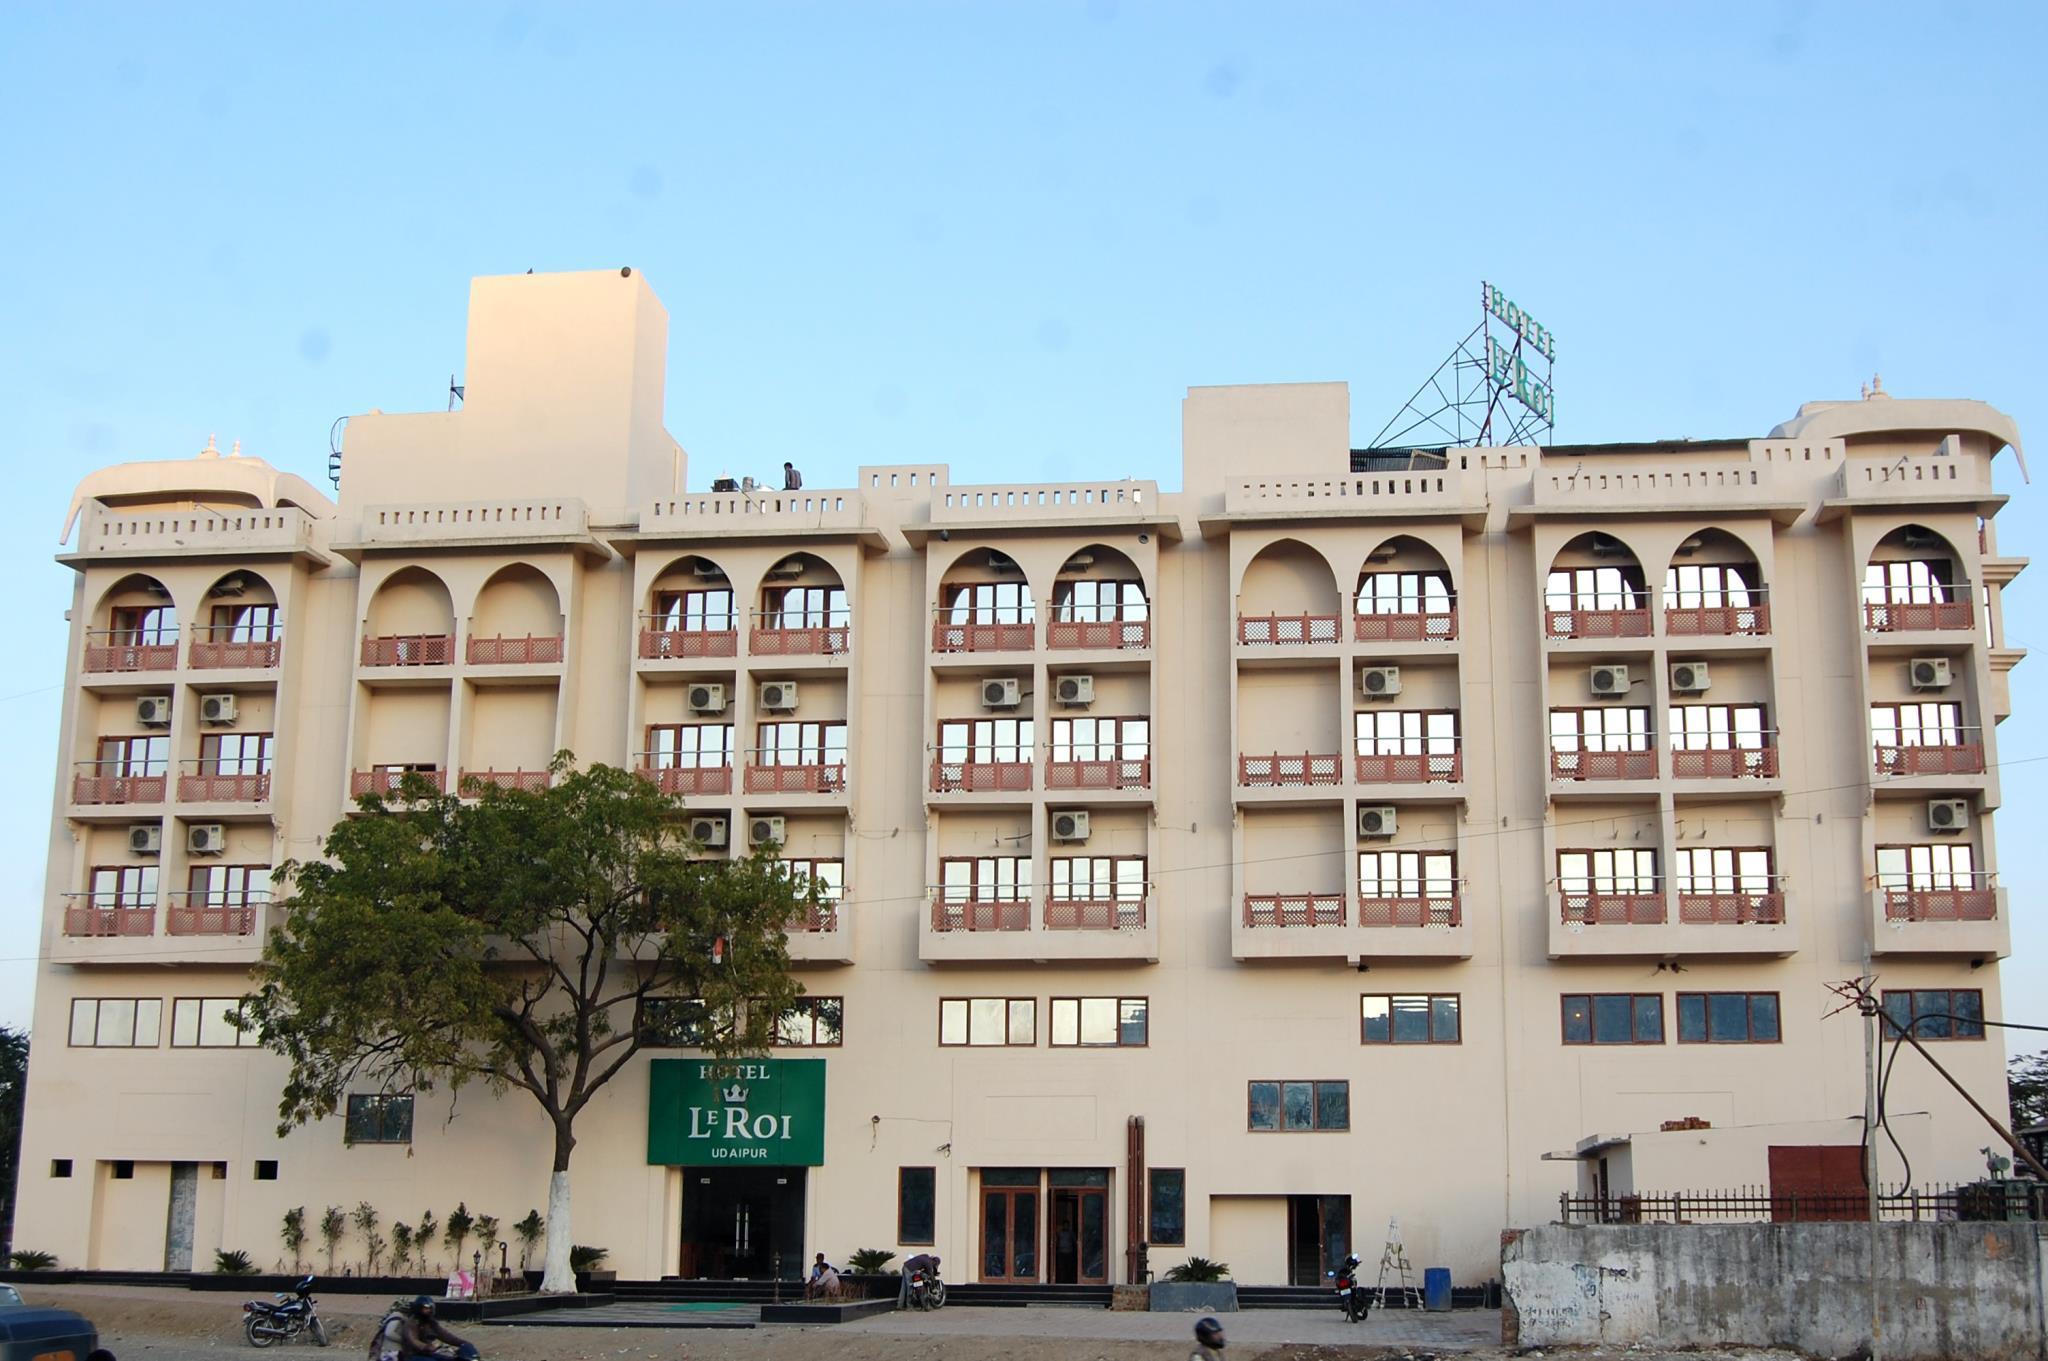 Le Roi Udaipur Hotel